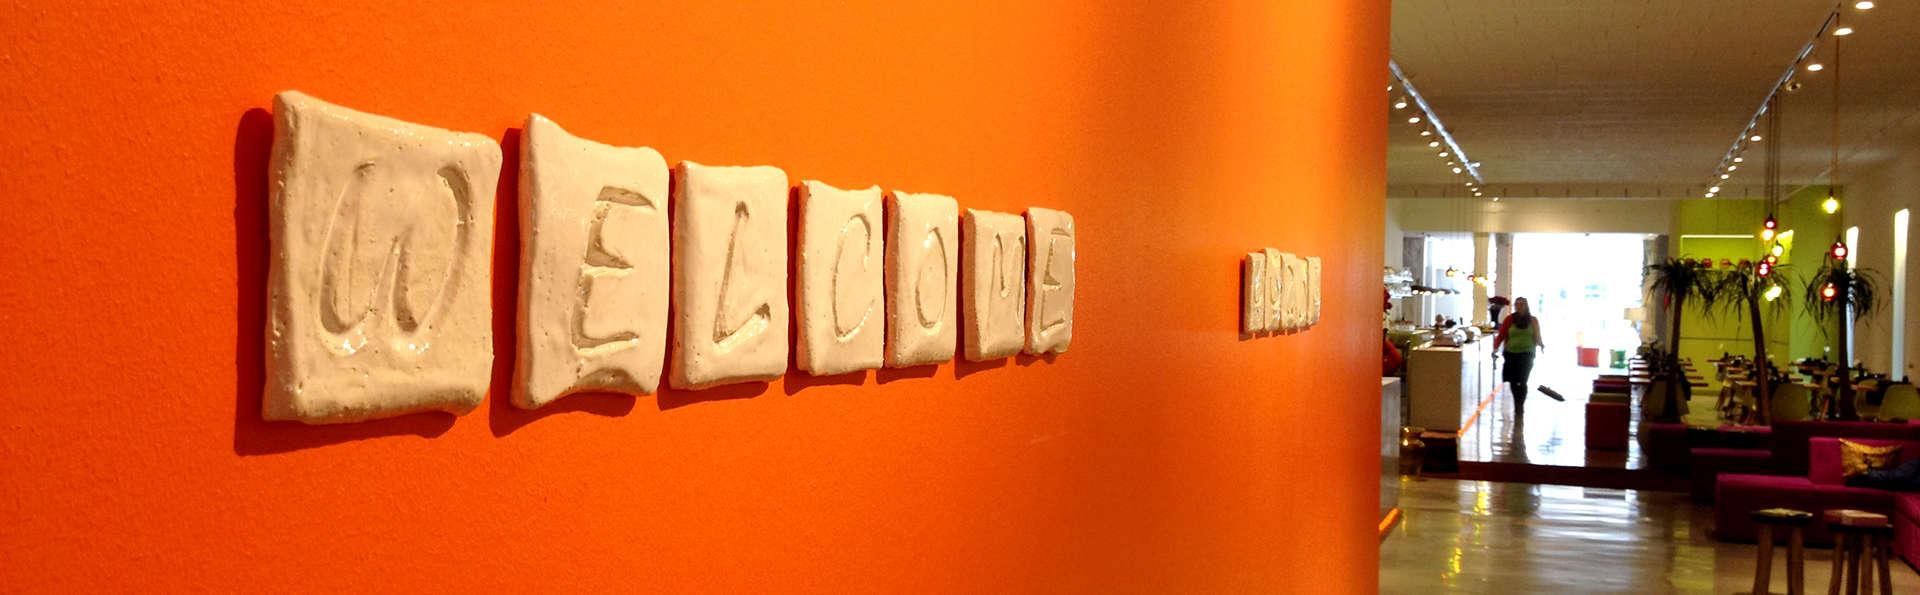 Appart Hotel Corbie Geel - EDIT_Lobby5.jpg